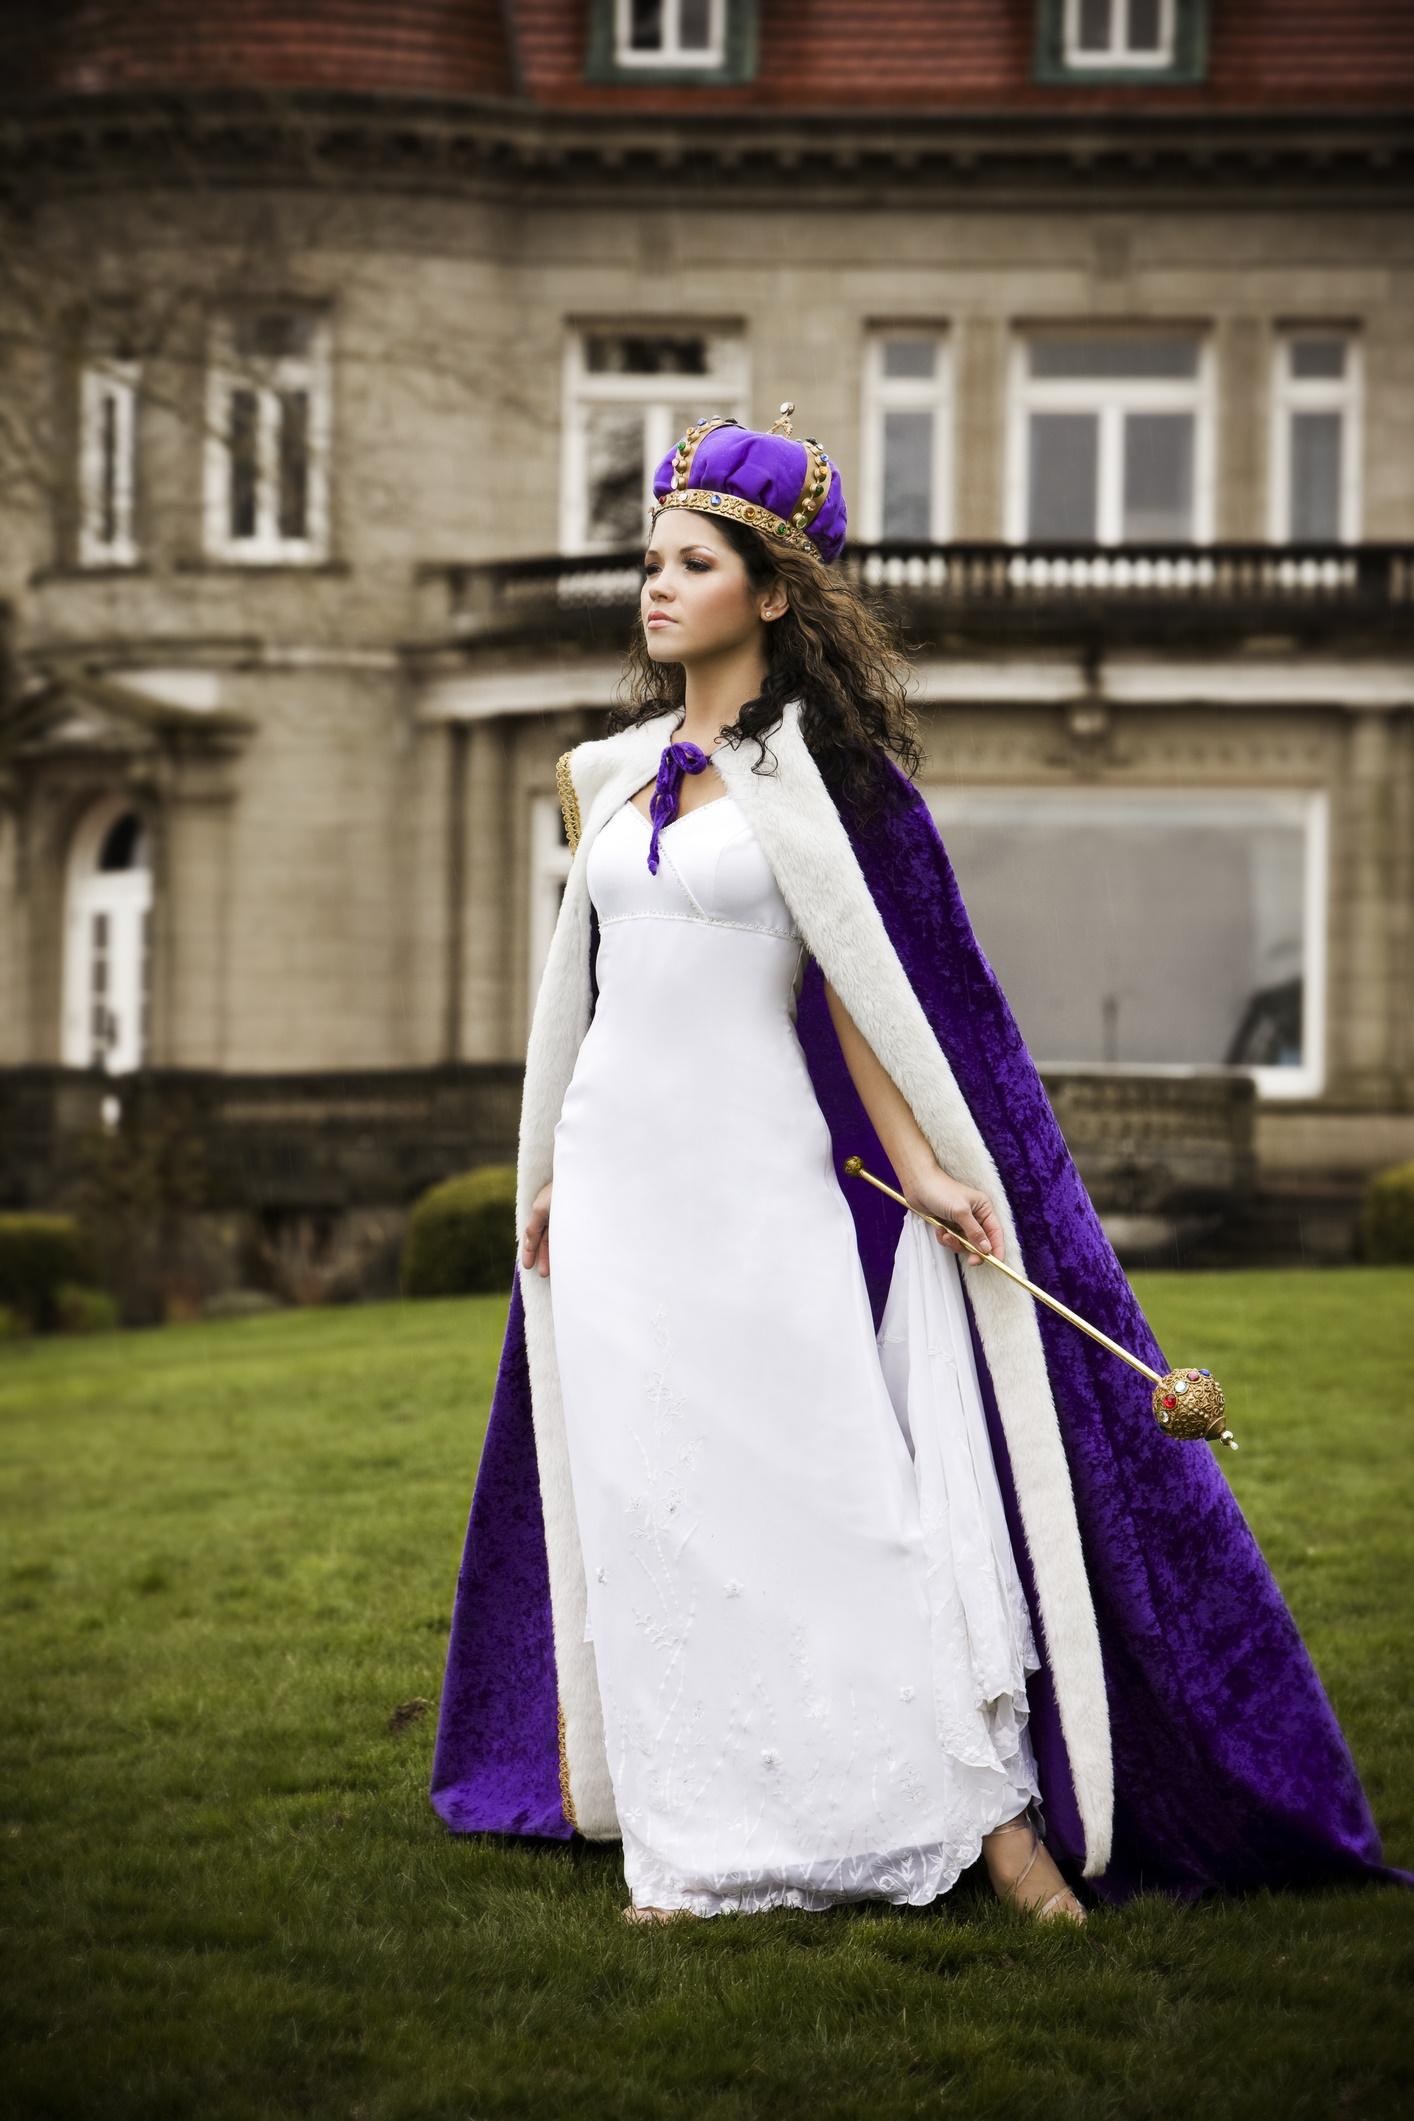 <p><strong>Лилаво</strong></p>  <p>Лилавото се свързва с царственост и кралски церемонии. Освен това оставя впечатление за магия и фантазия. Лилавото стимулира креативността и омиротворява, но същевременно се свързва с чувствителните и емоционални личности.</p>